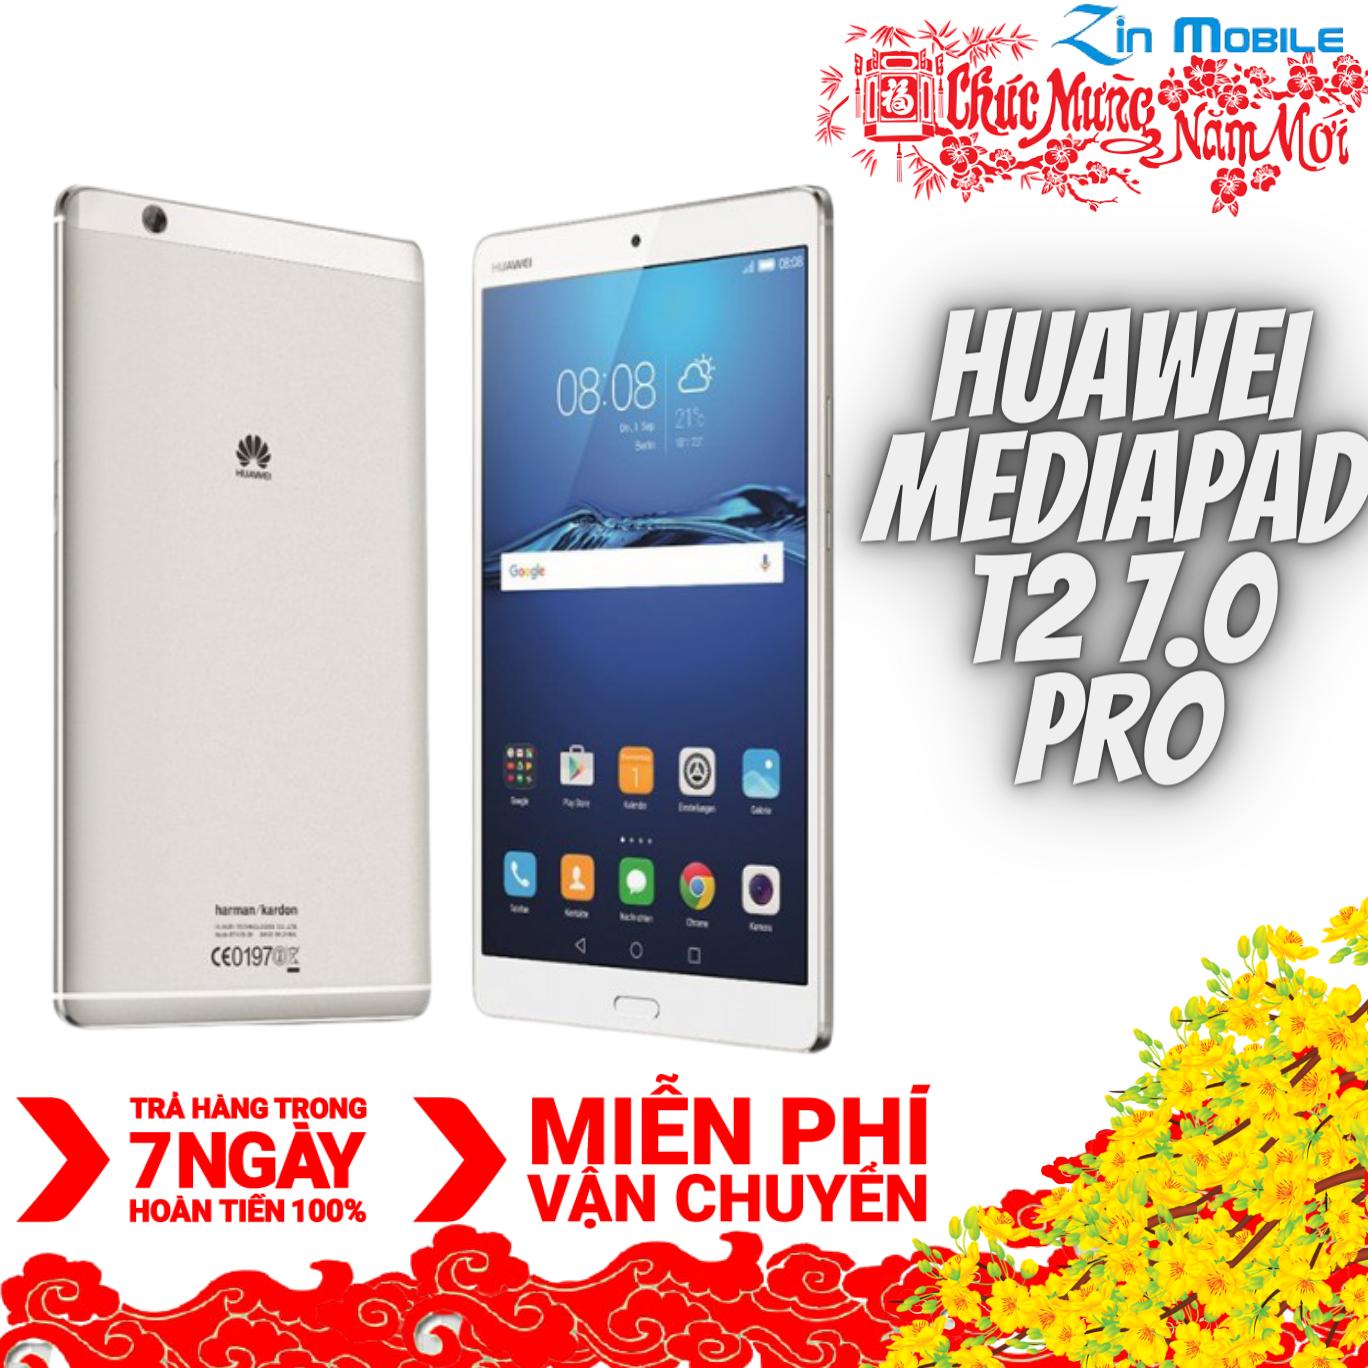 Máy tính bảng Huawei Mediapad T2 7.0 PRO – 2 sim nghe gọi ( Full 4G LTE WIFI 2GB RAM 16GB ROM SNAP 615 8 nhân , PIN 4100mAh